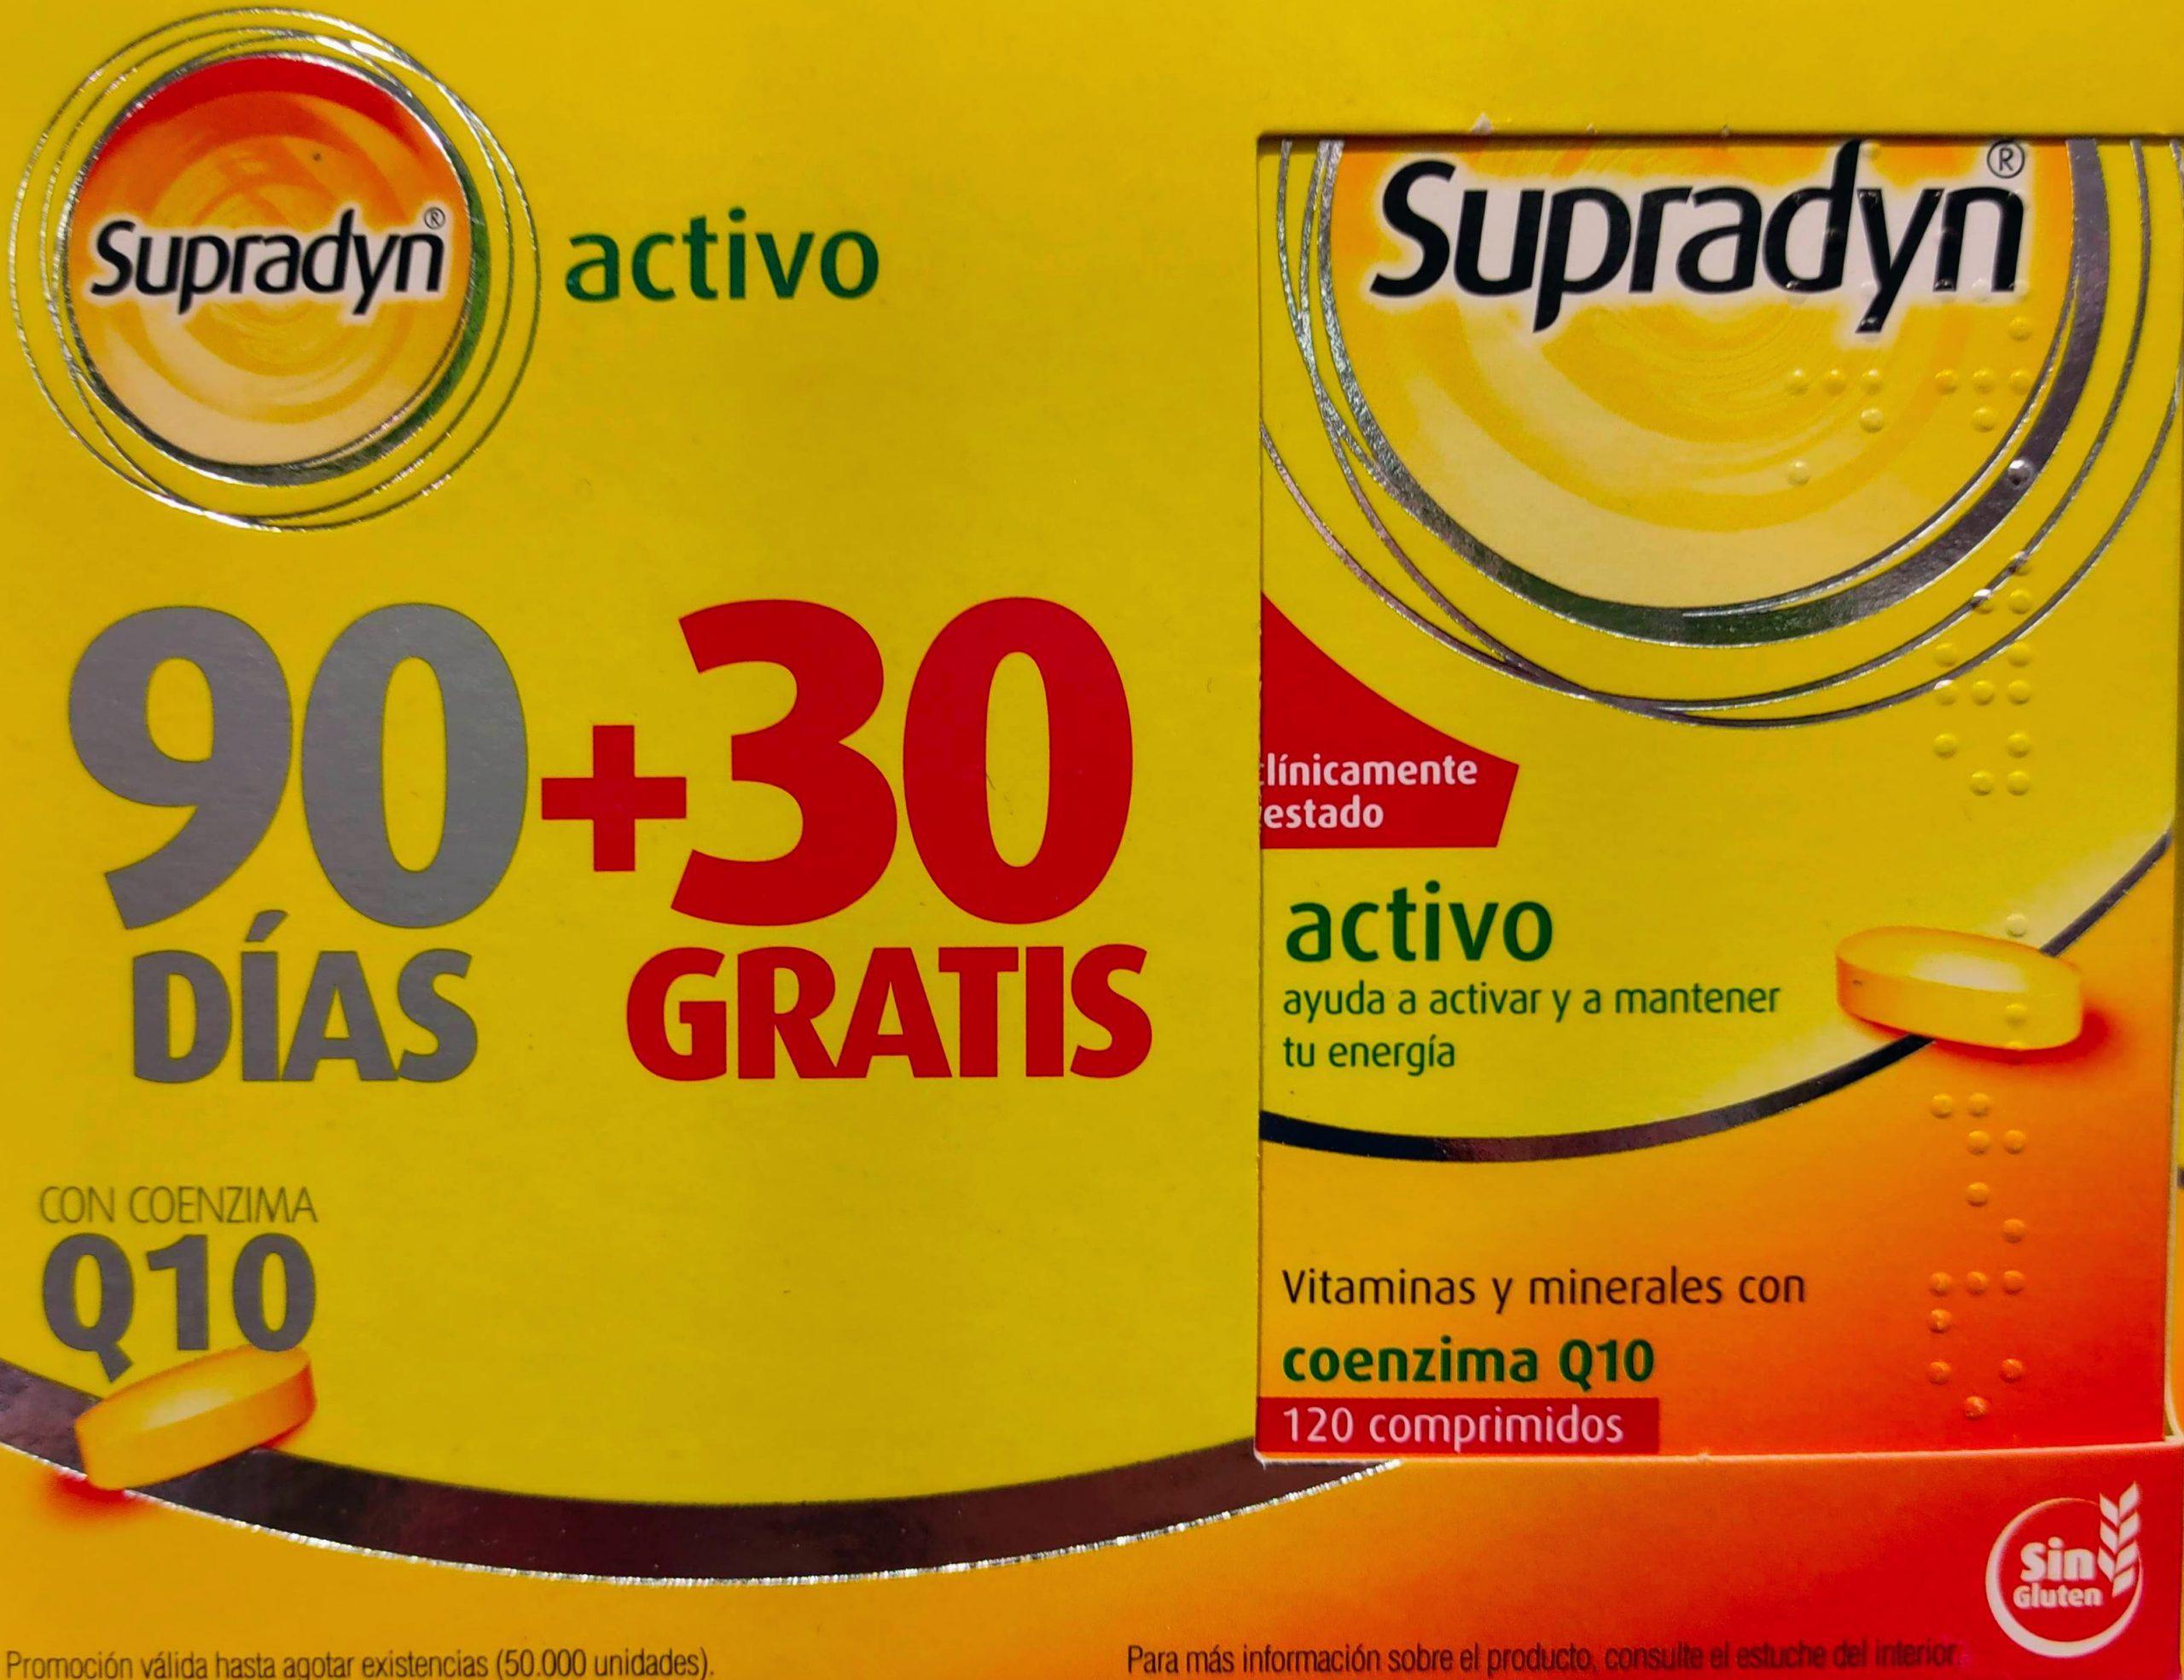 COMPRAR SUPRADYN ACTIVO 90 + 30 Q10 Supradyn es un complejo vitamínico, con minerales y CoenzimaQ10 que colaboran a que puedas realizar las actividades del día a día con energía y vitalidad.